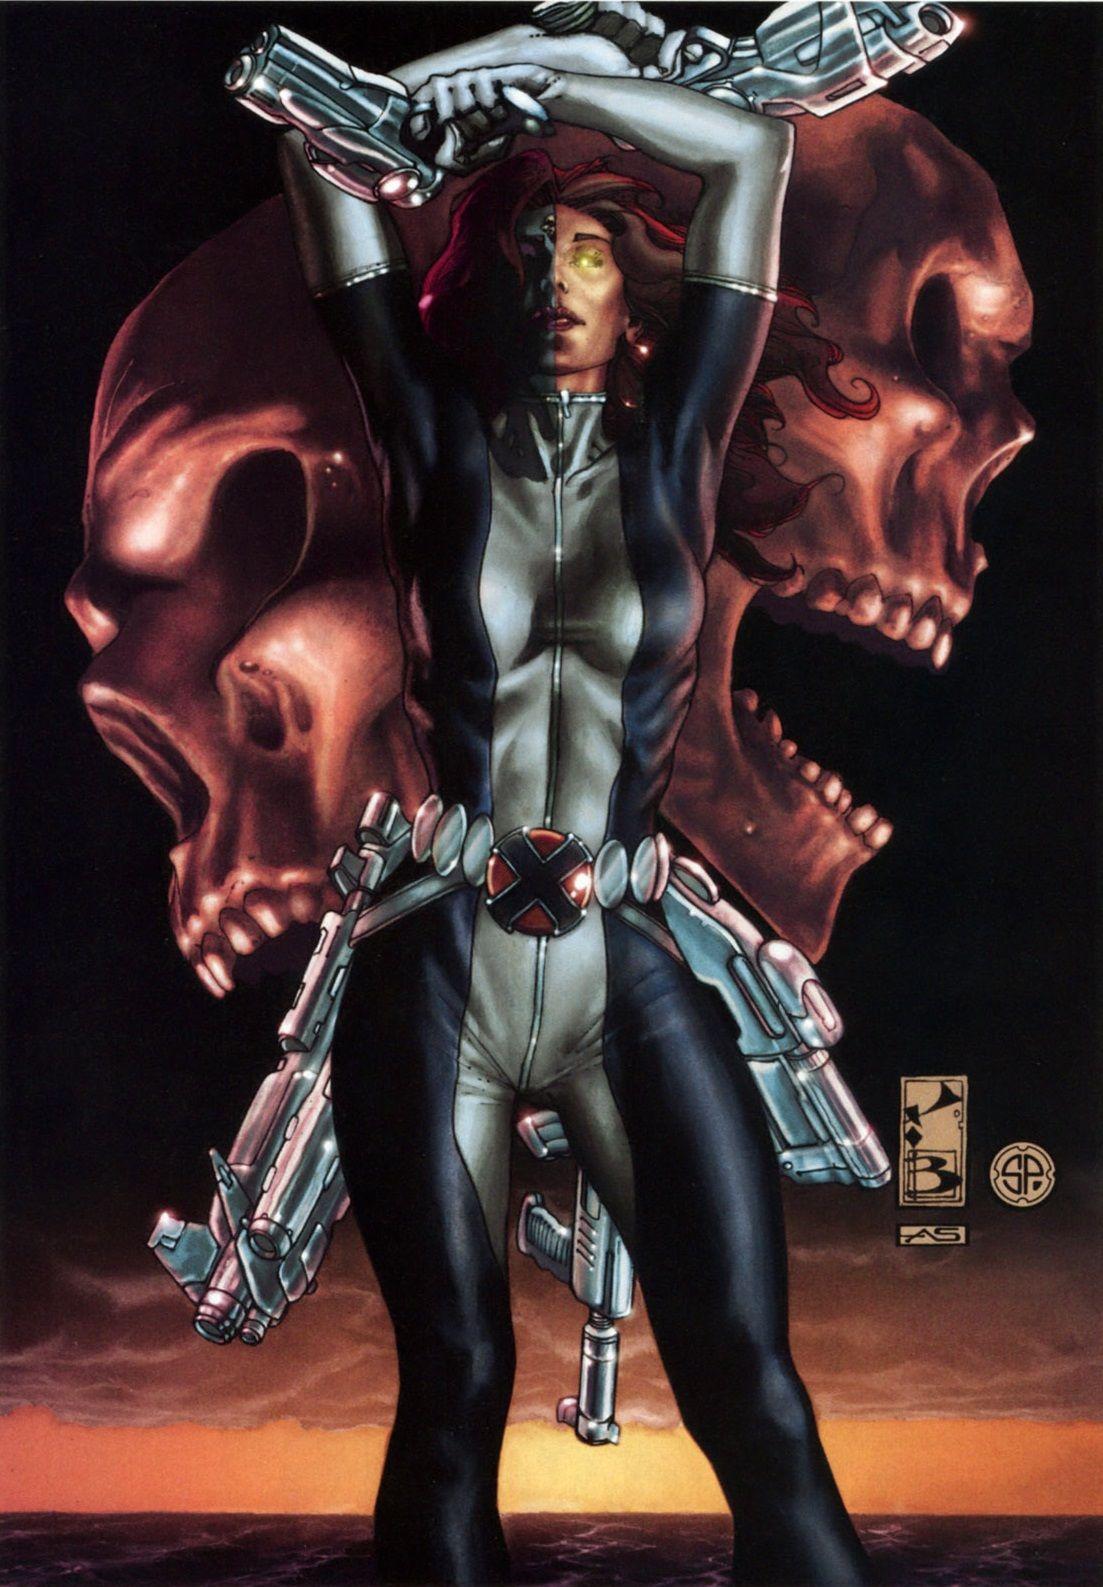 Dark X-Men - Mystique by Simone Bianchi *